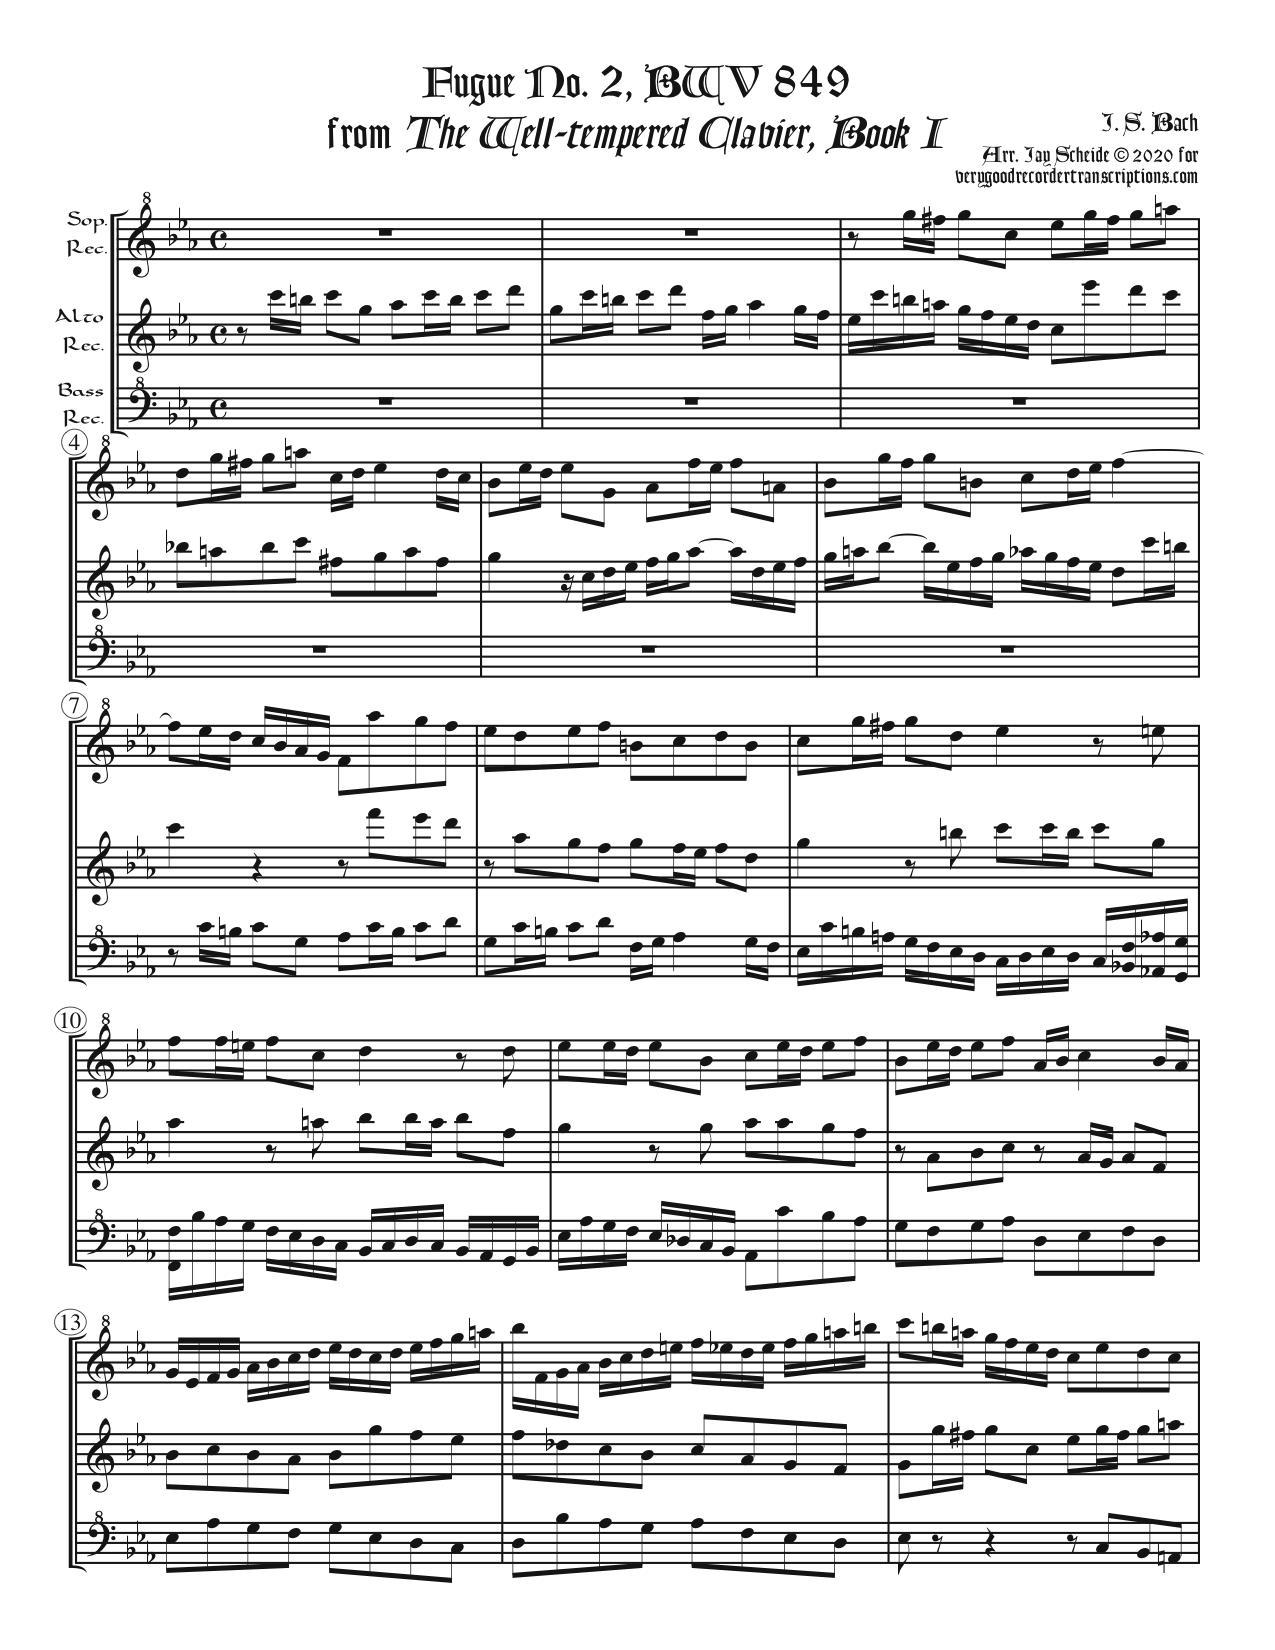 Fugue No. 2, BWV 849/2, arr. for SAB recorders